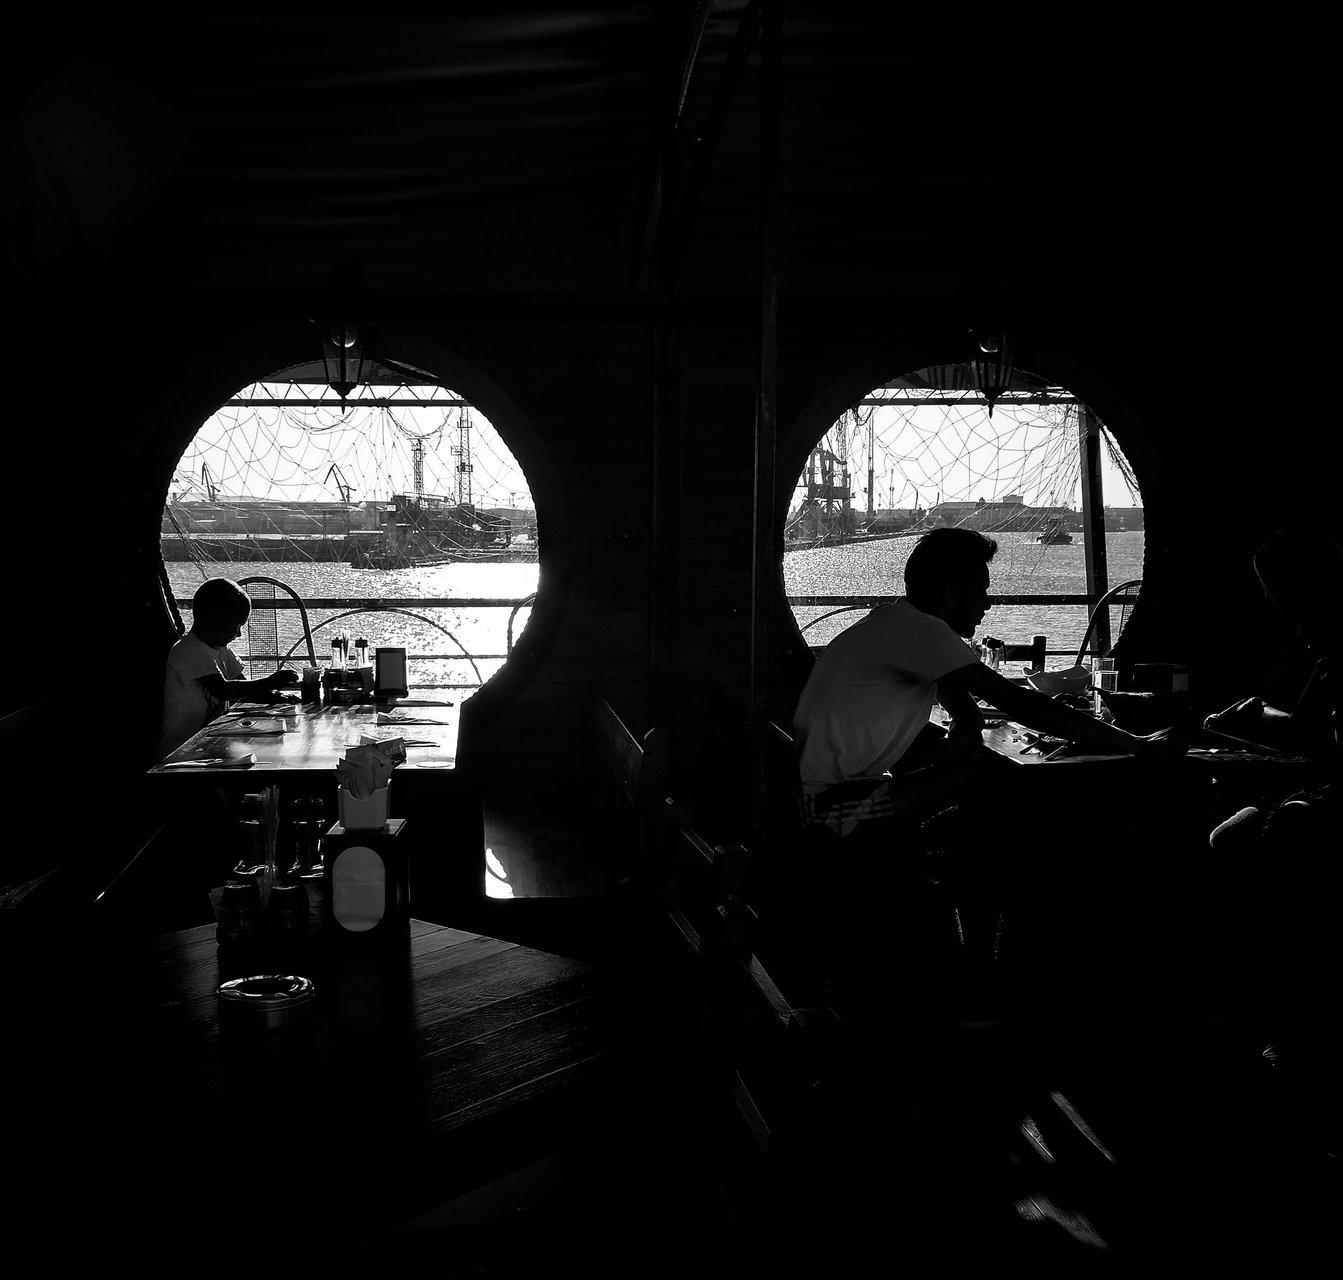 Море, лято, обикновен ден.. | Author Ekaтepuнa Огойcka - MireXa | PHOTO FORUM